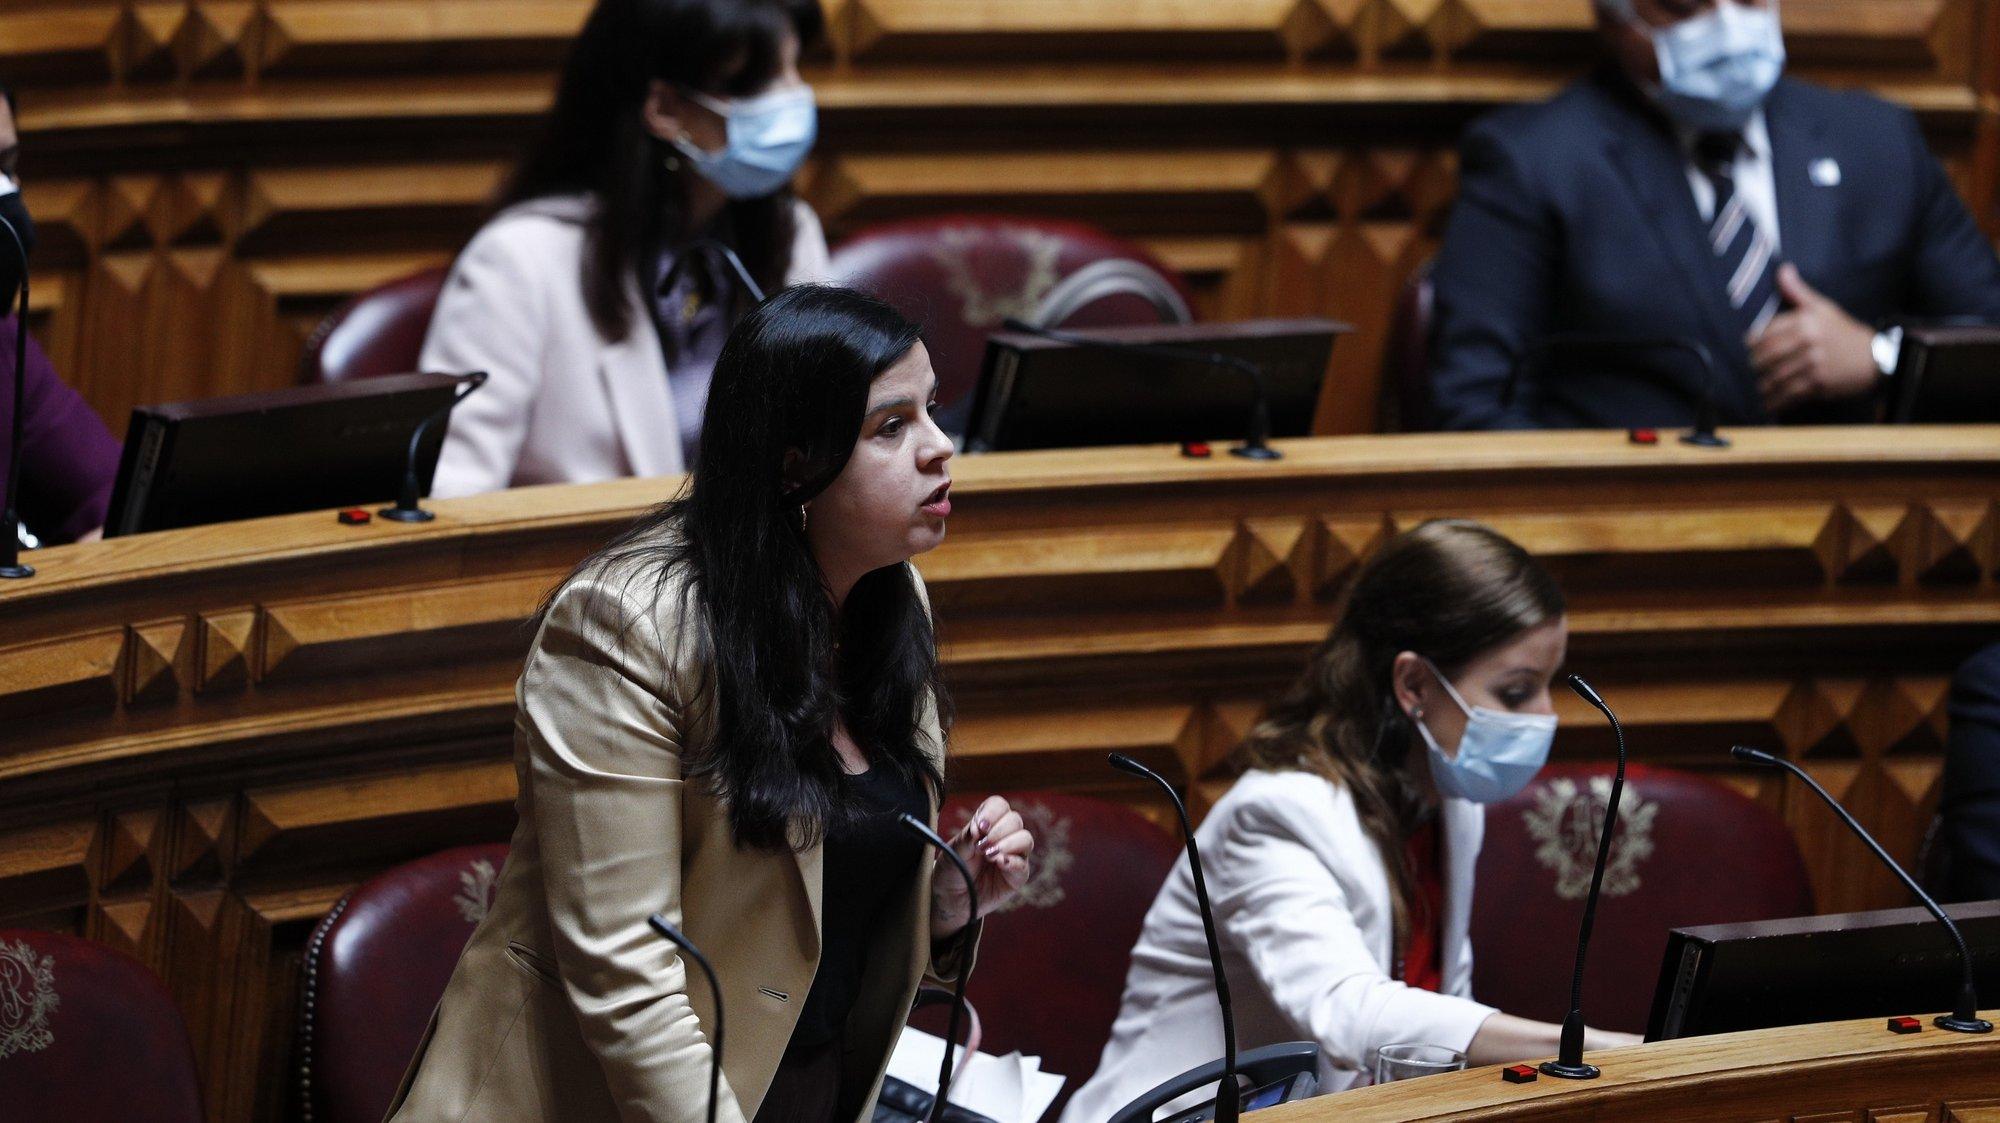 A deputada do PAN - Pessoas Animais Natureza, Inês Sousa Real, intervém durante o debate parlamentar sobre o estado da Nação, na Assembleia da República, em Lisboa, 21 de julho de 2021. ANTÓNIO COTRIM/LUSA